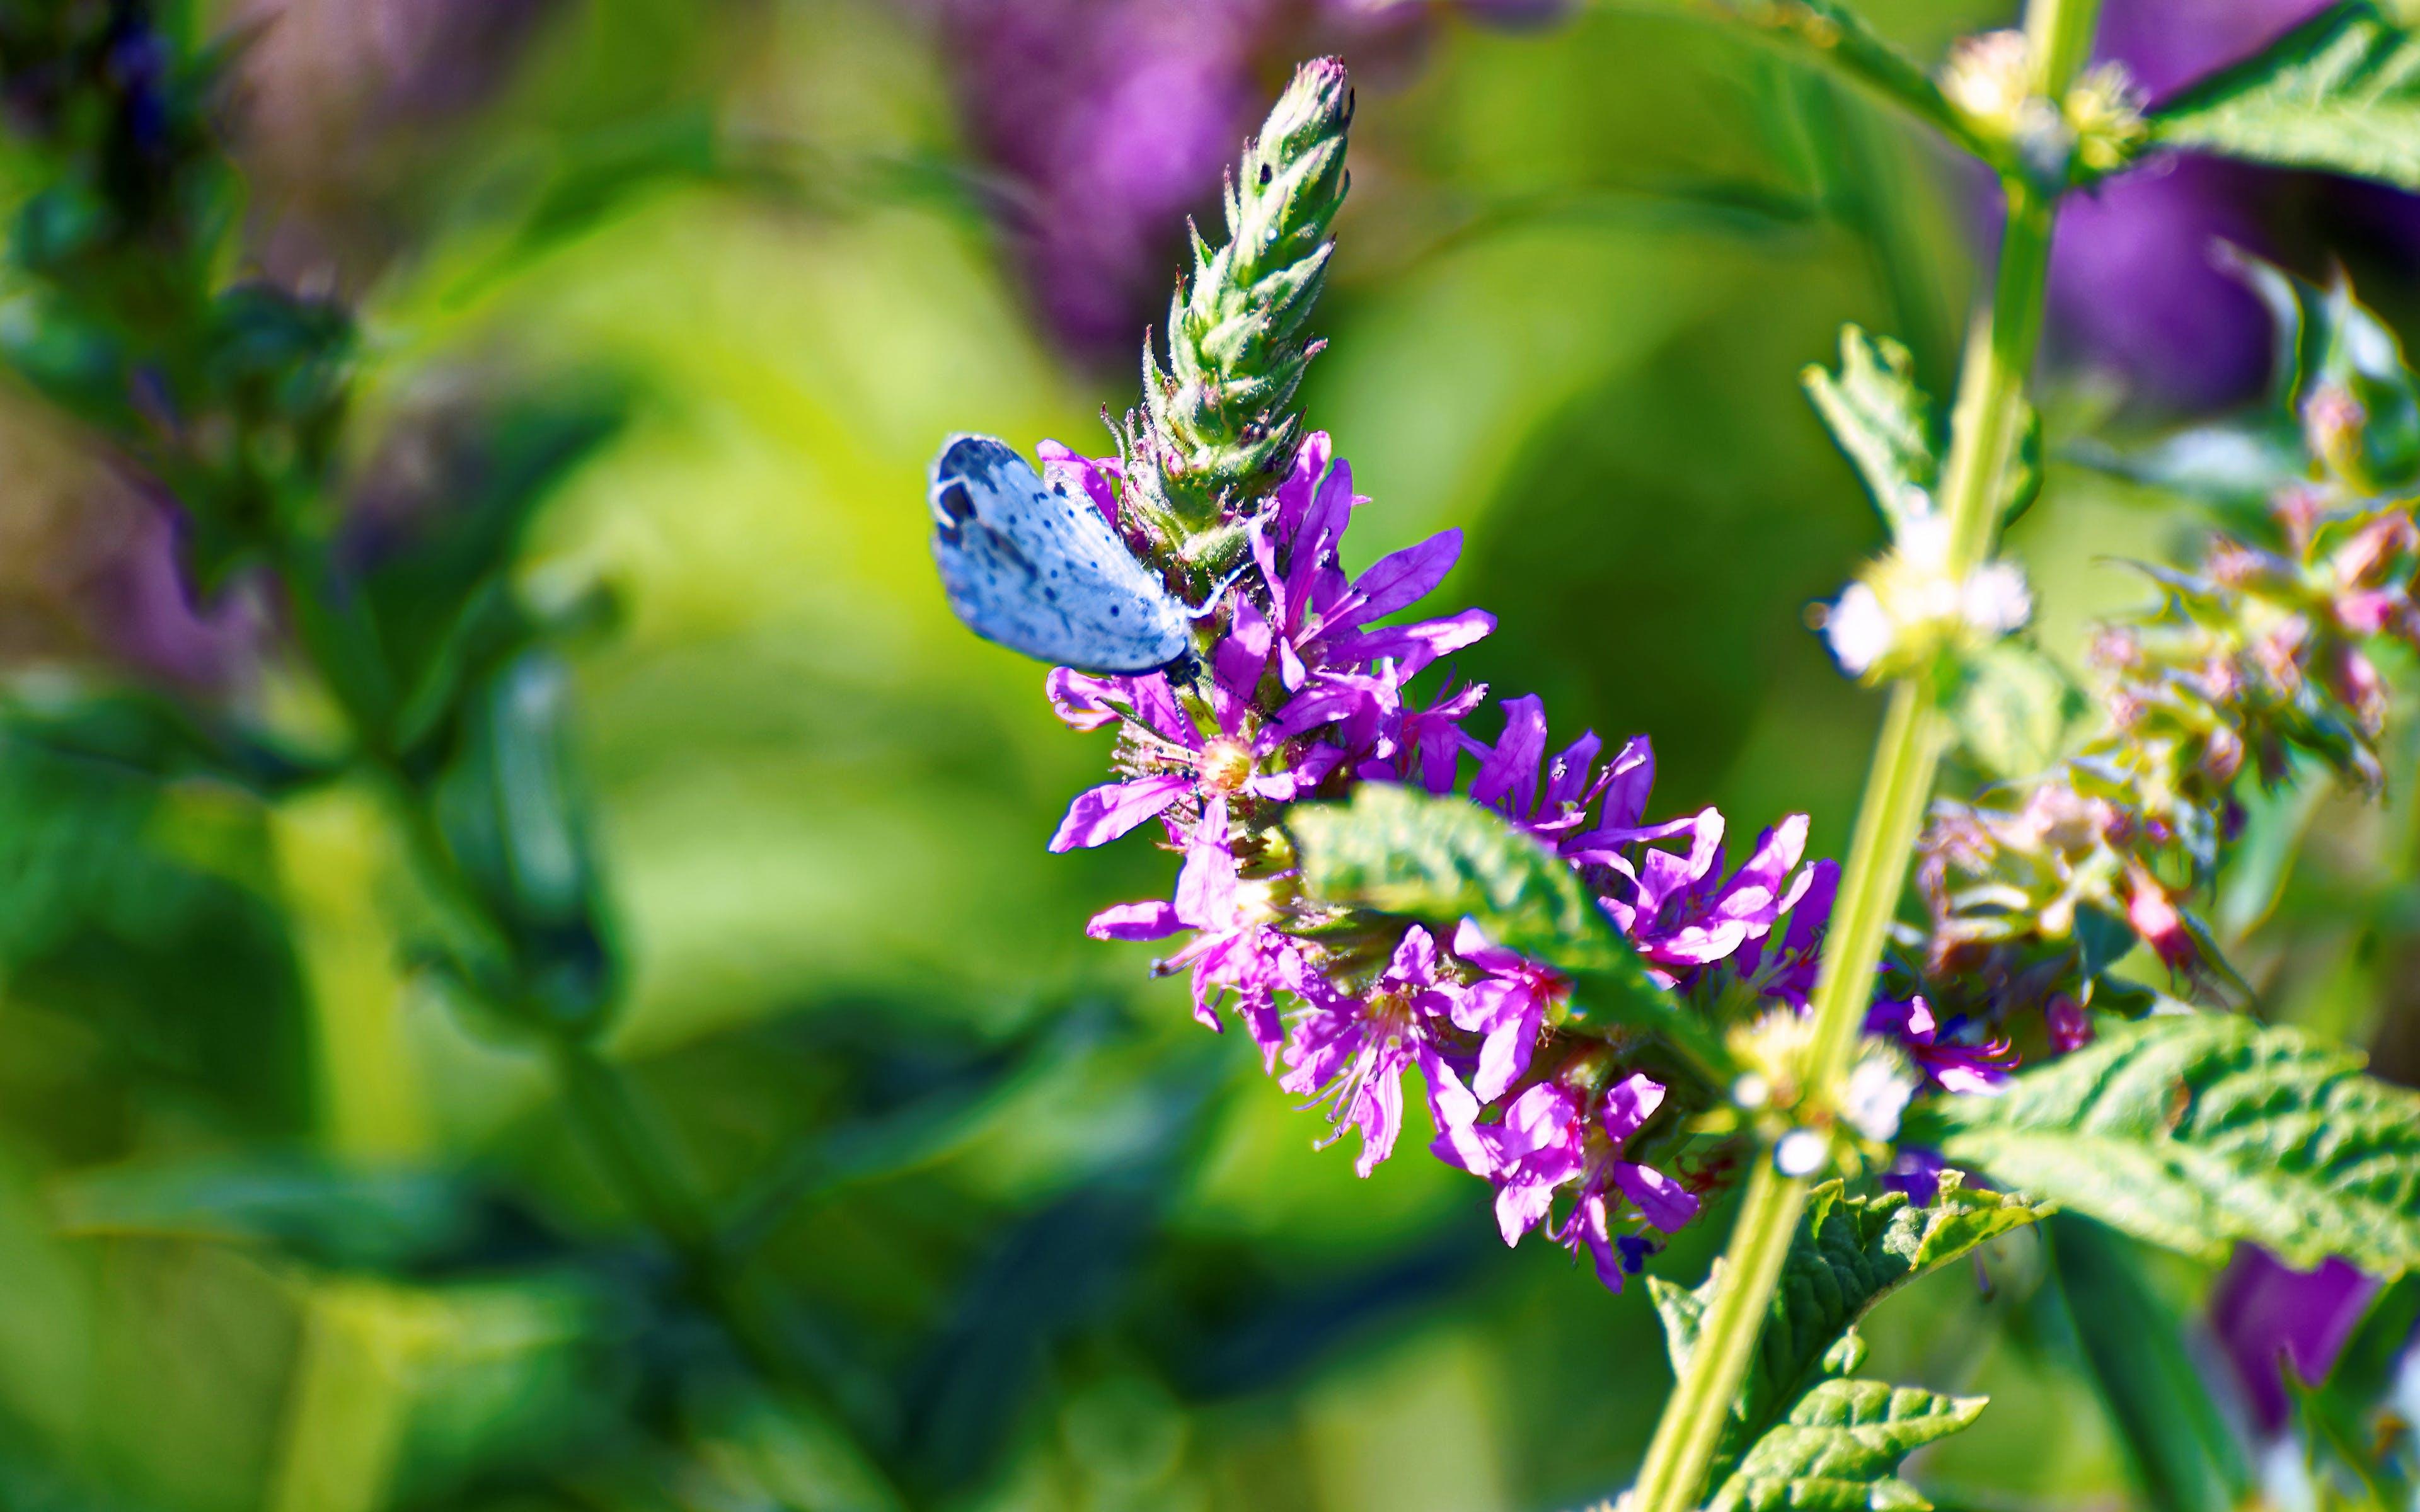 Purple Petaled Flower With Blue Butterfly